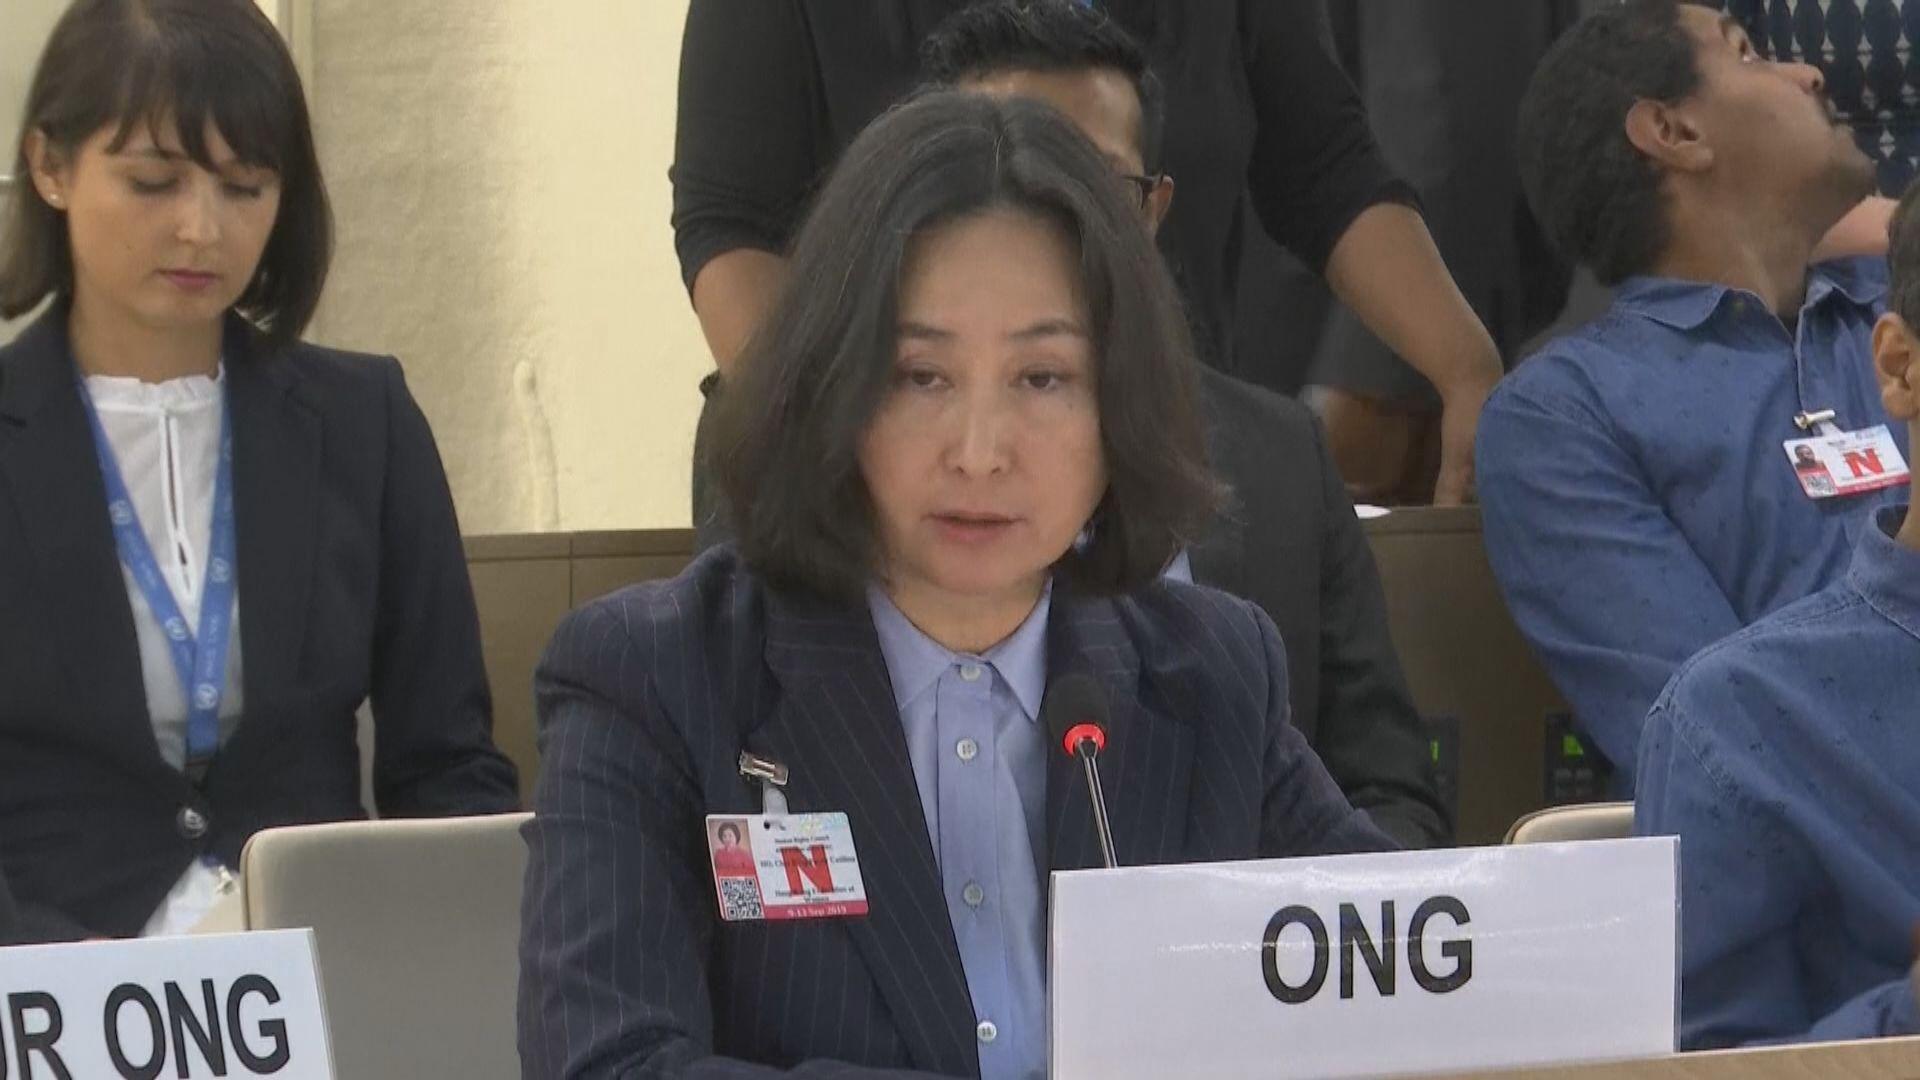 何超瓊聯合國人權理事會發言譴責示威者暴力